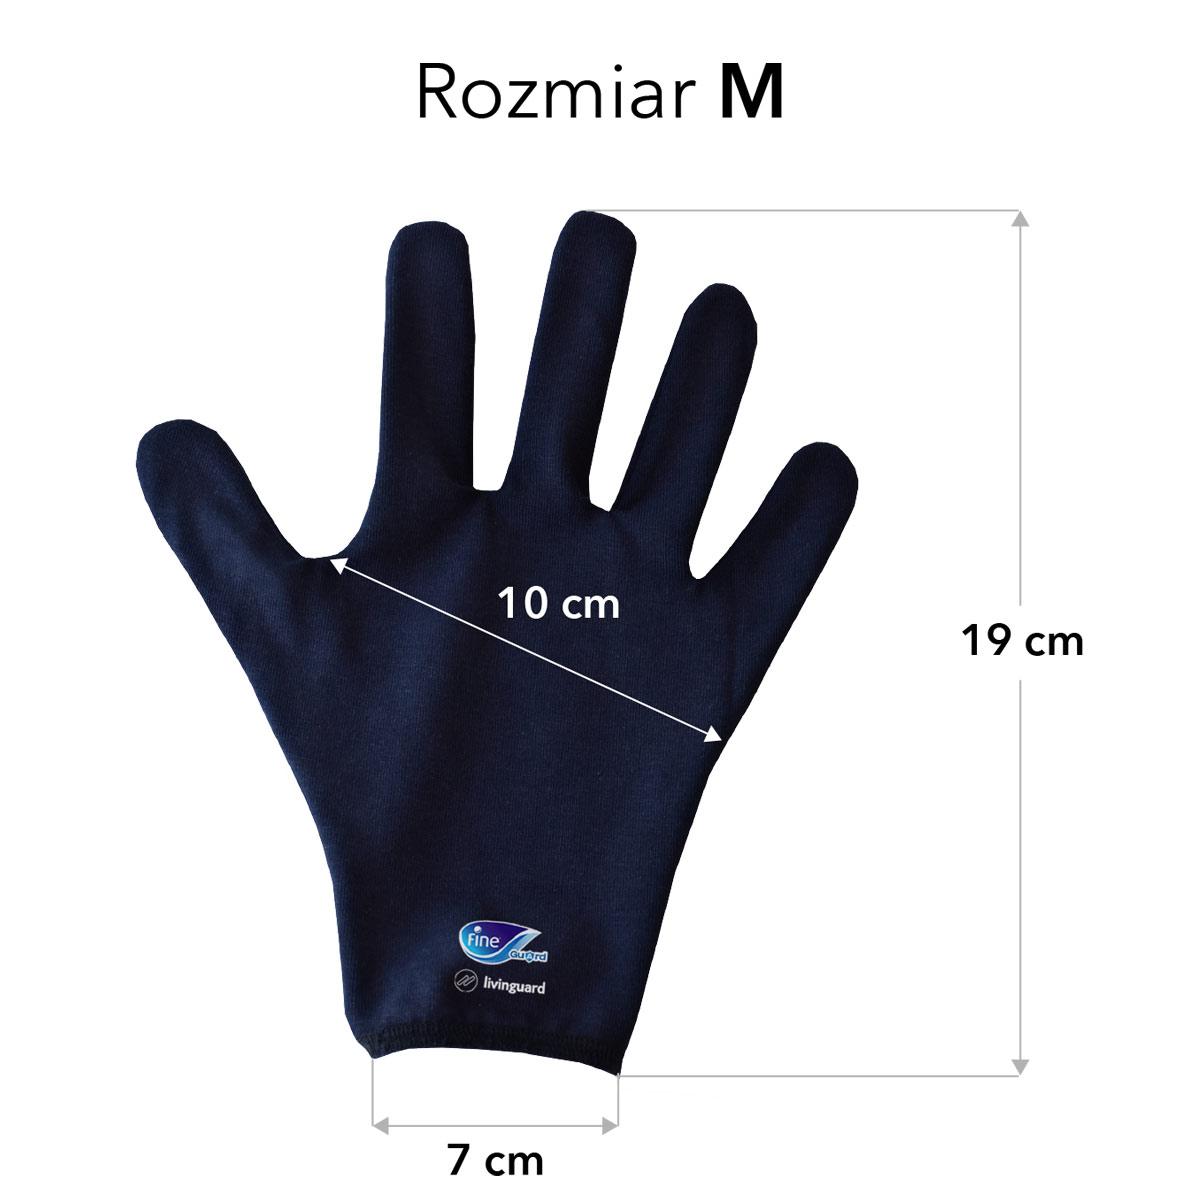 Rozmiary rękawiczek Fine Guard rozmiar M